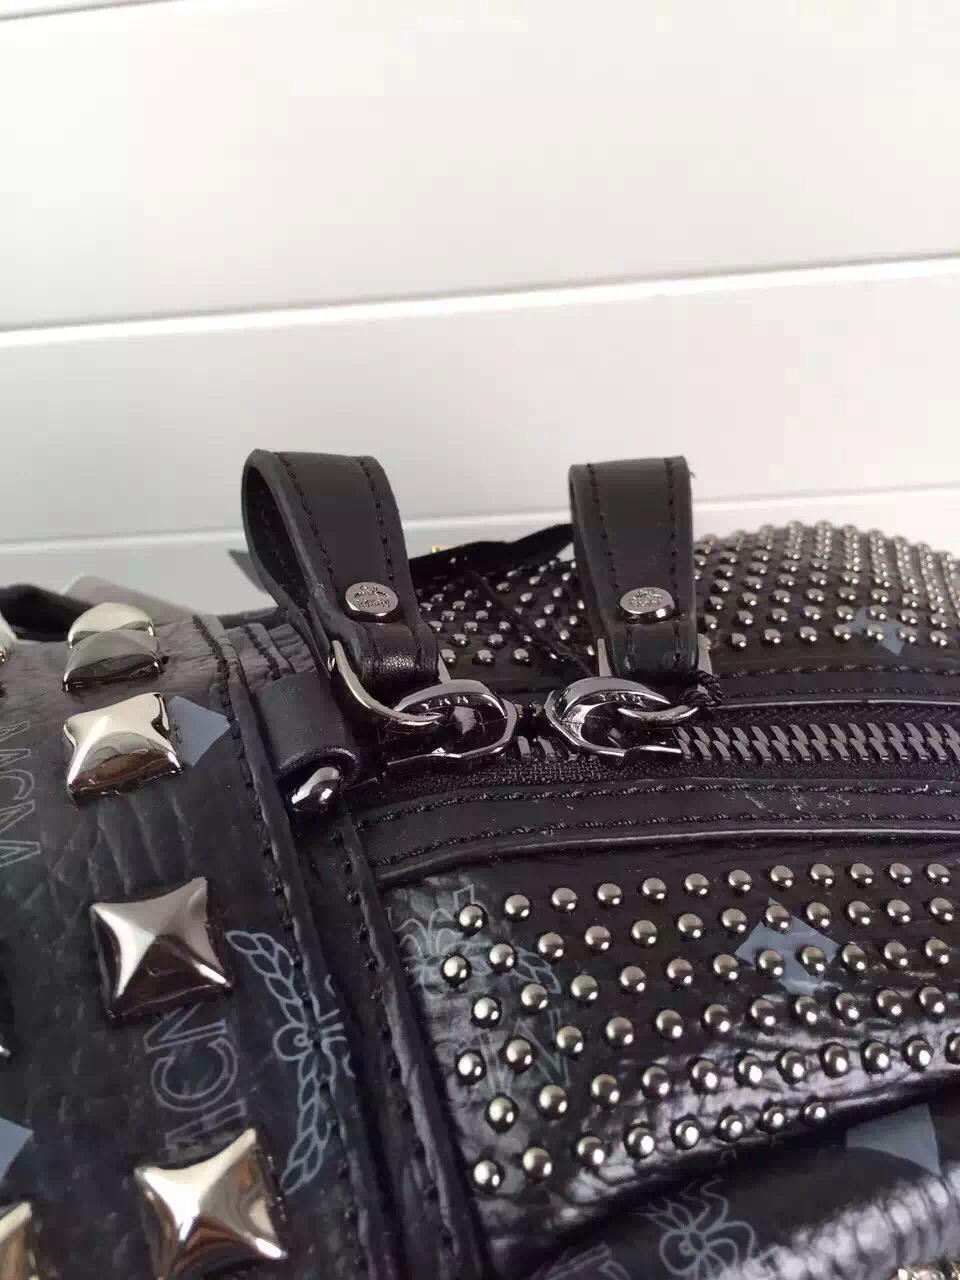 MCM原单田亮款 LG进口面料配牛皮 全套包装 黑色